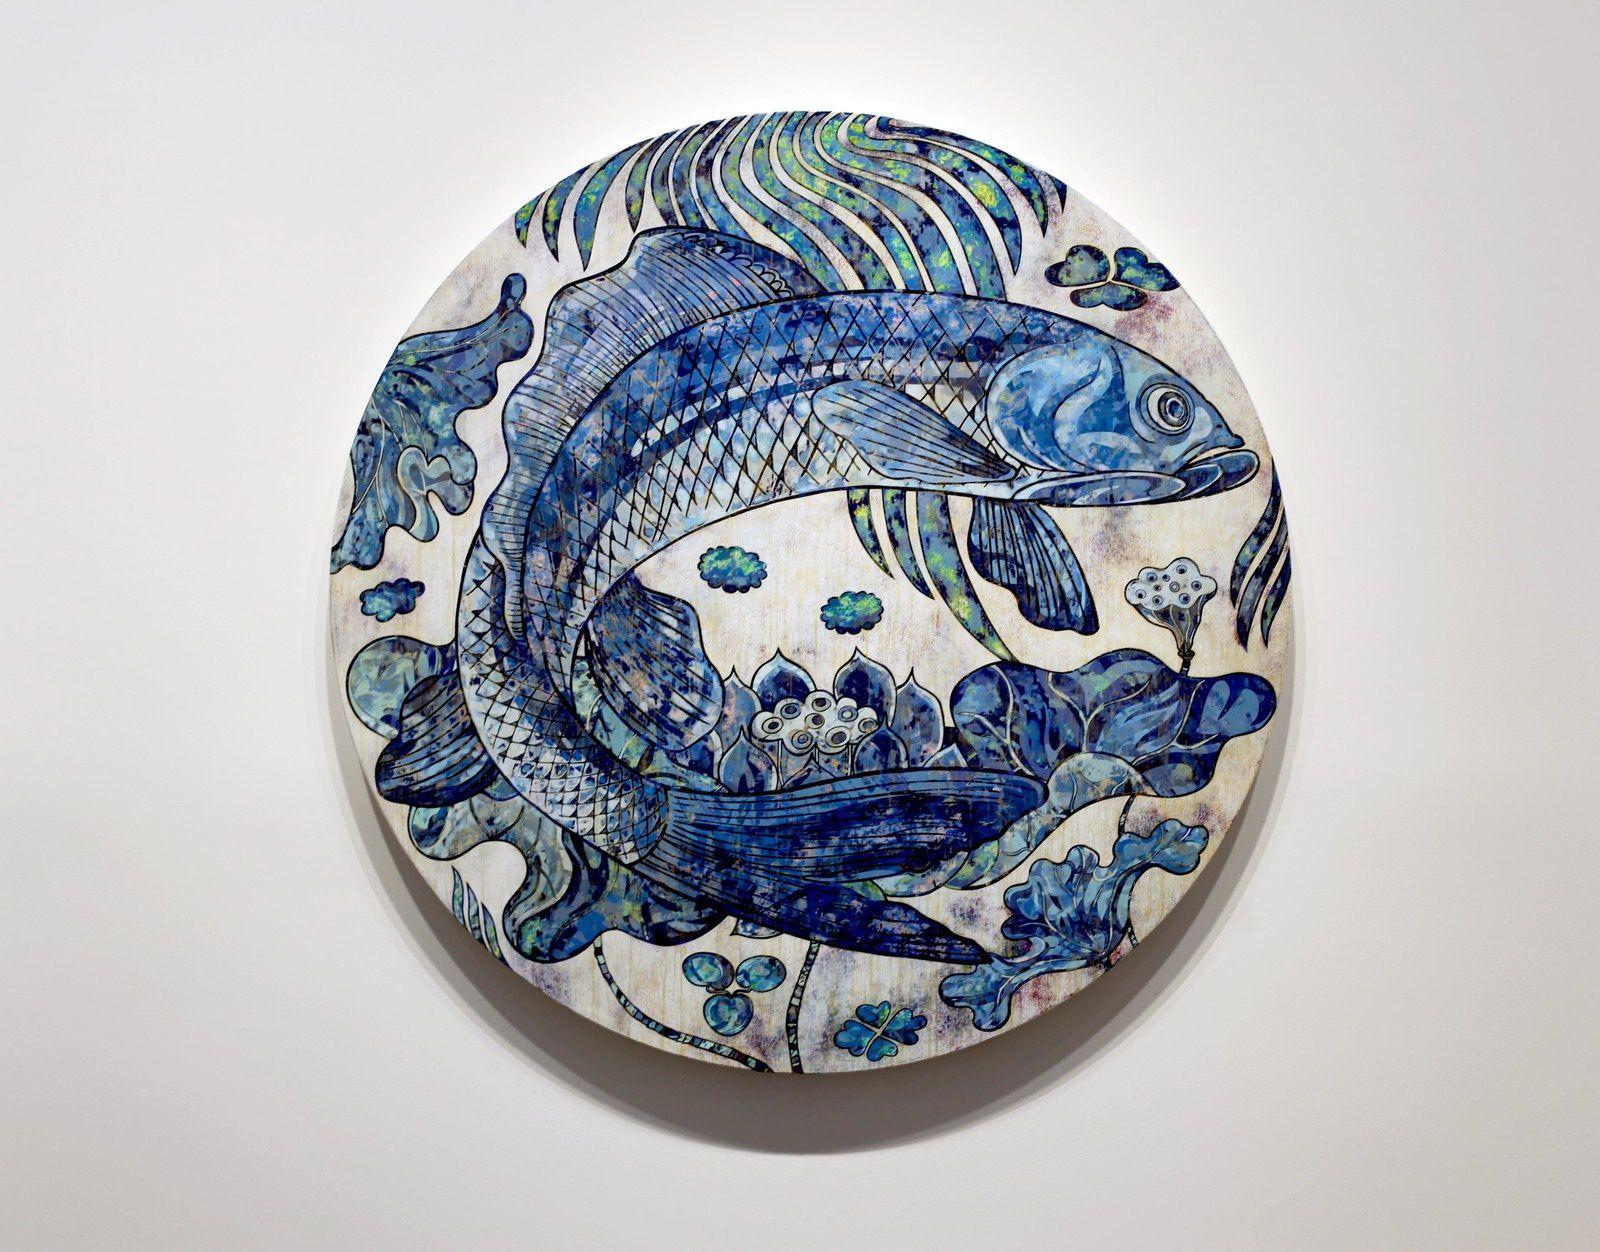 """""""Fish Paintings"""", 2019 de Takashi MURAKAMI - Courtesy de l'Artiste et la Galerie Perrotin © Photo Éric Simon"""